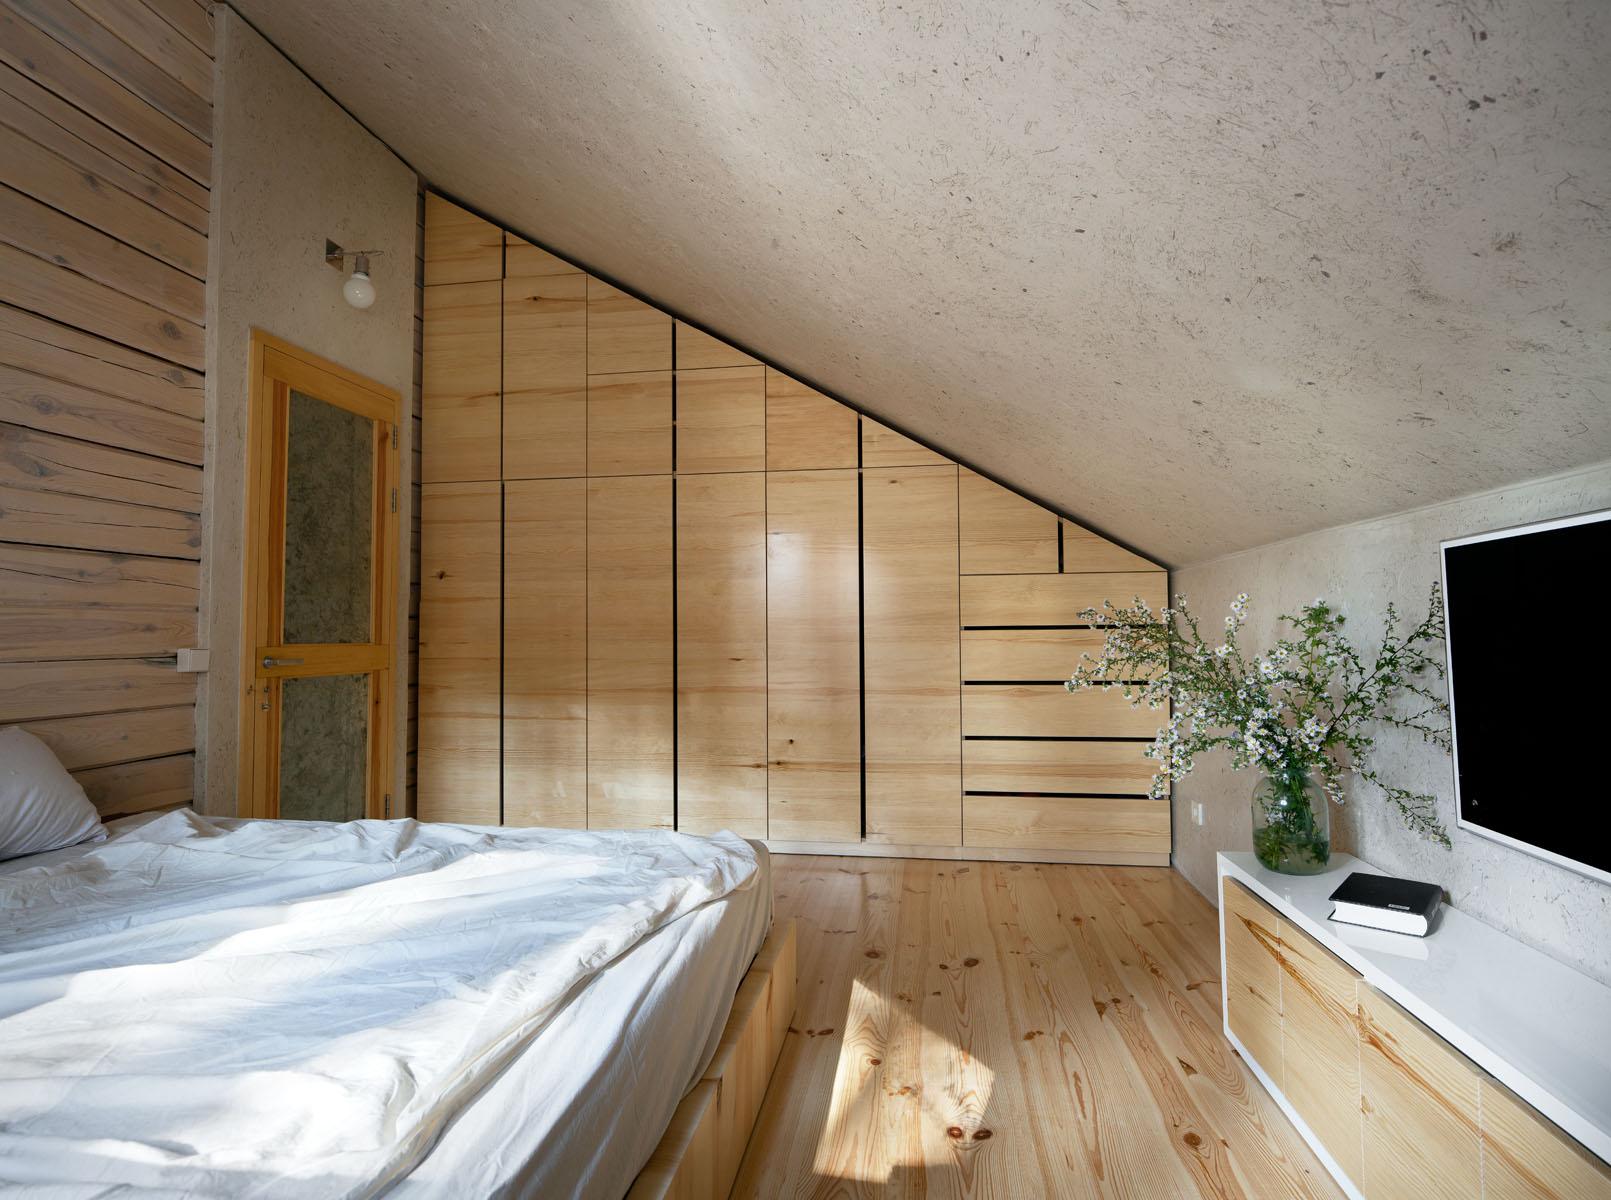 wardrobe built-in mansard